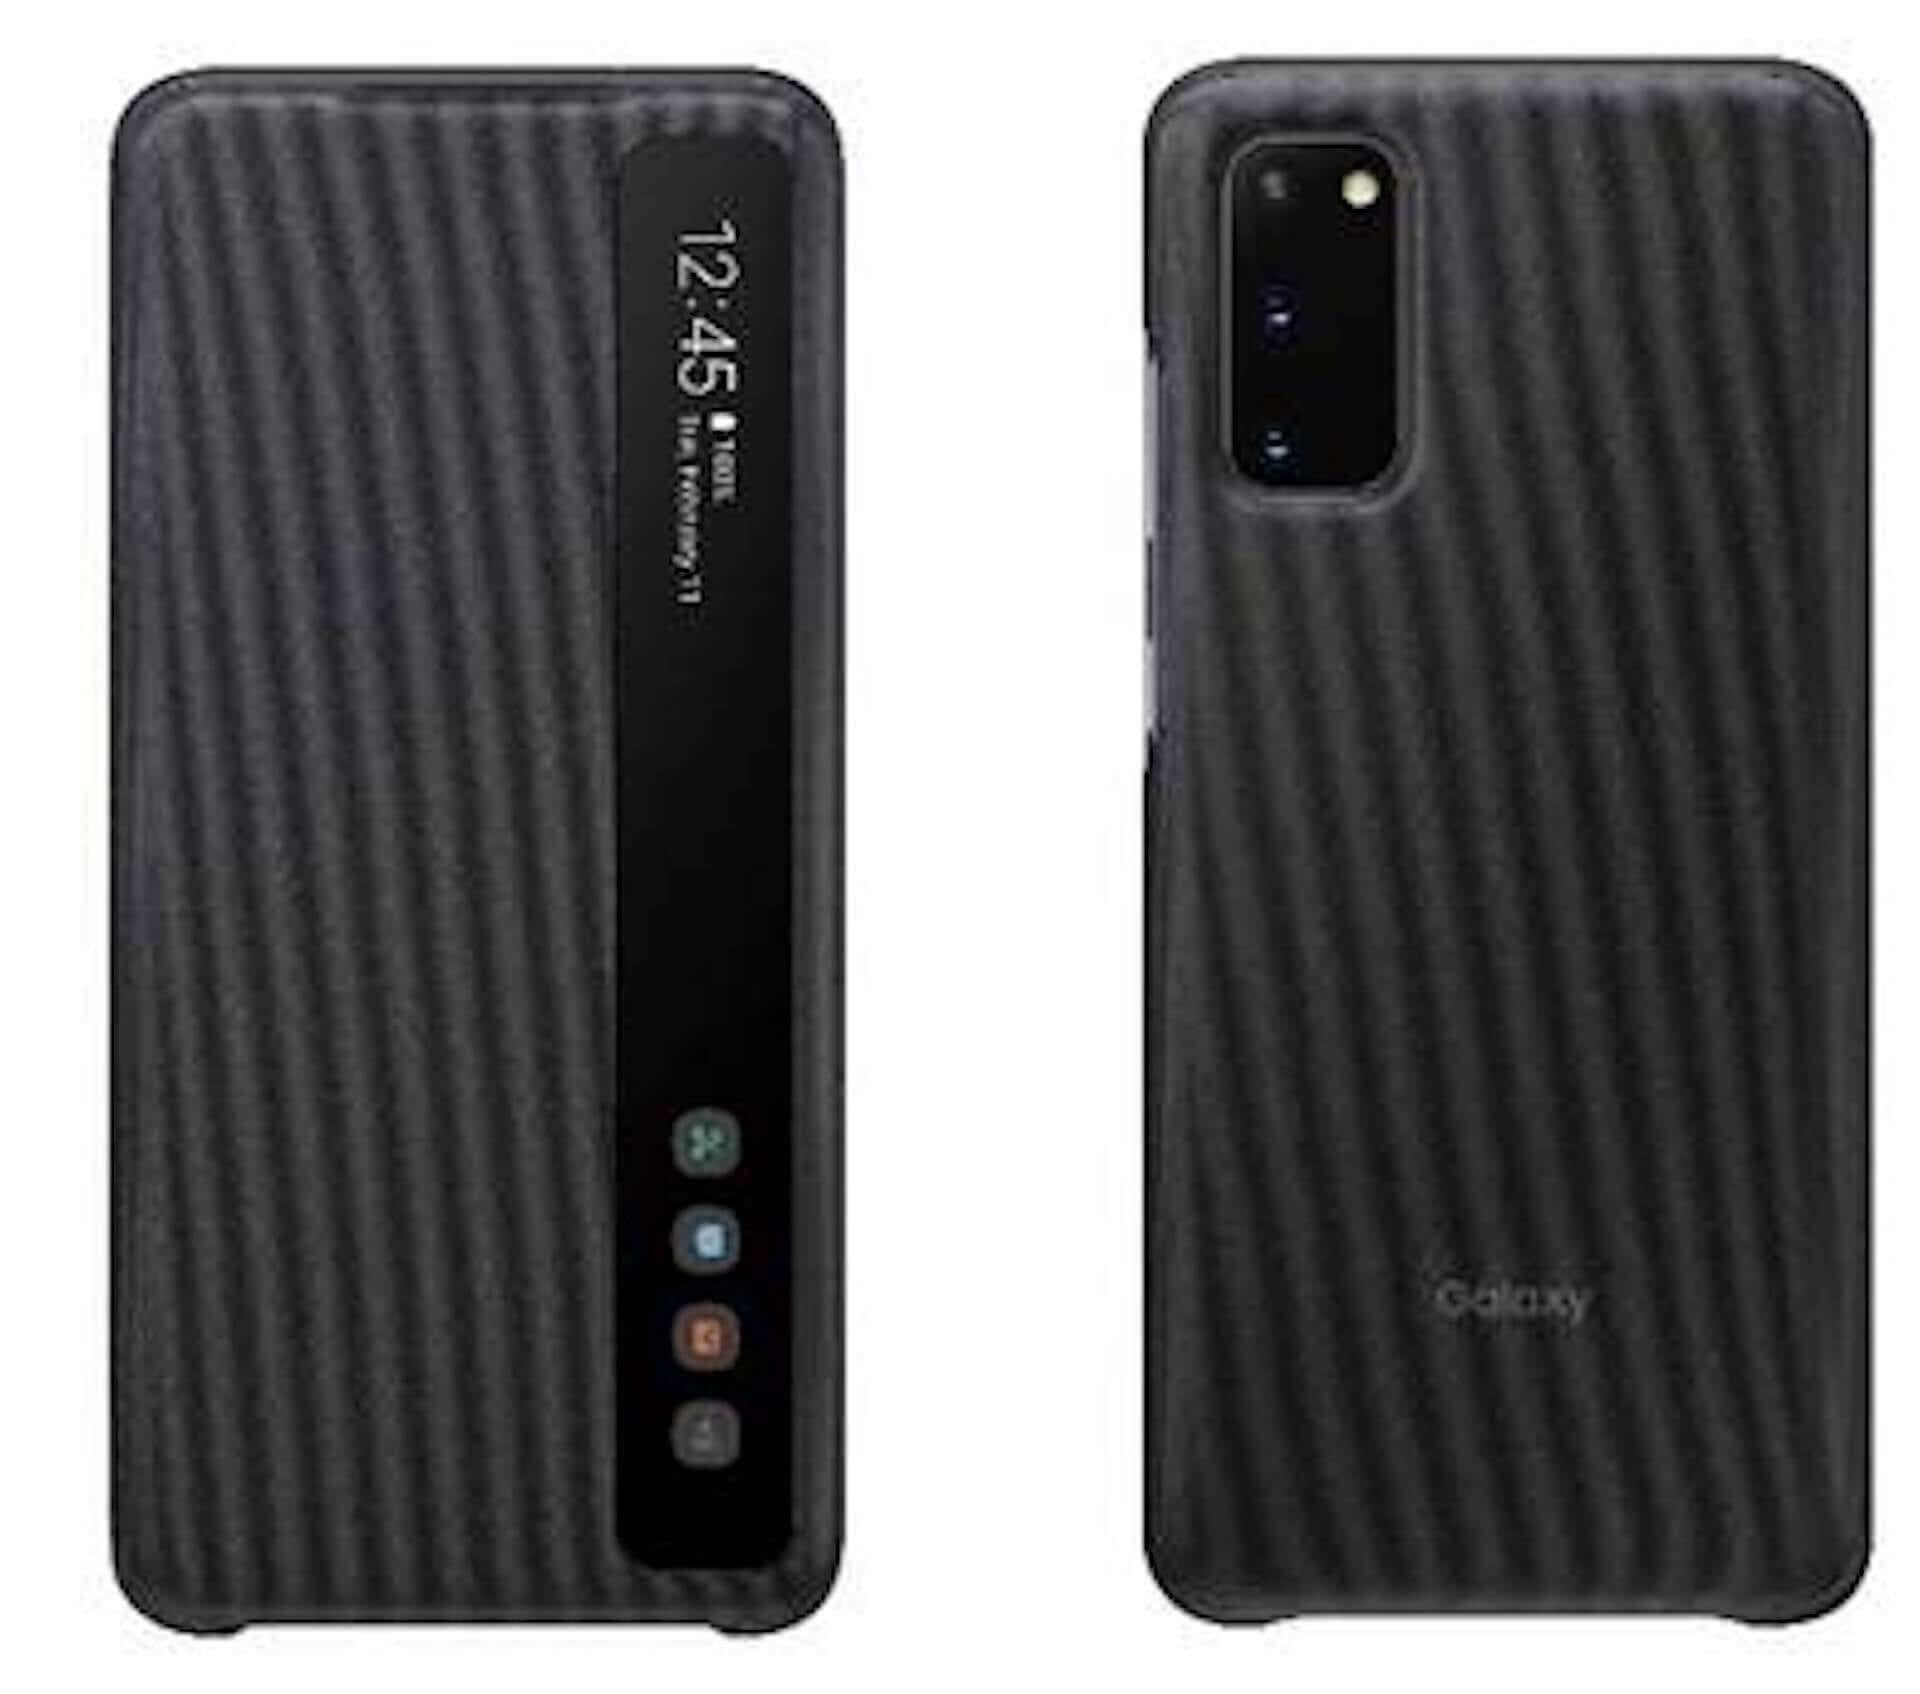 Samsungの5G対応スマホ『Galaxy S20+ 5G』がauから発売決定!ワイヤレスイヤホンが必ずもらえるキャンペーンも tech200526_galaxy_s20_4-1920x1694